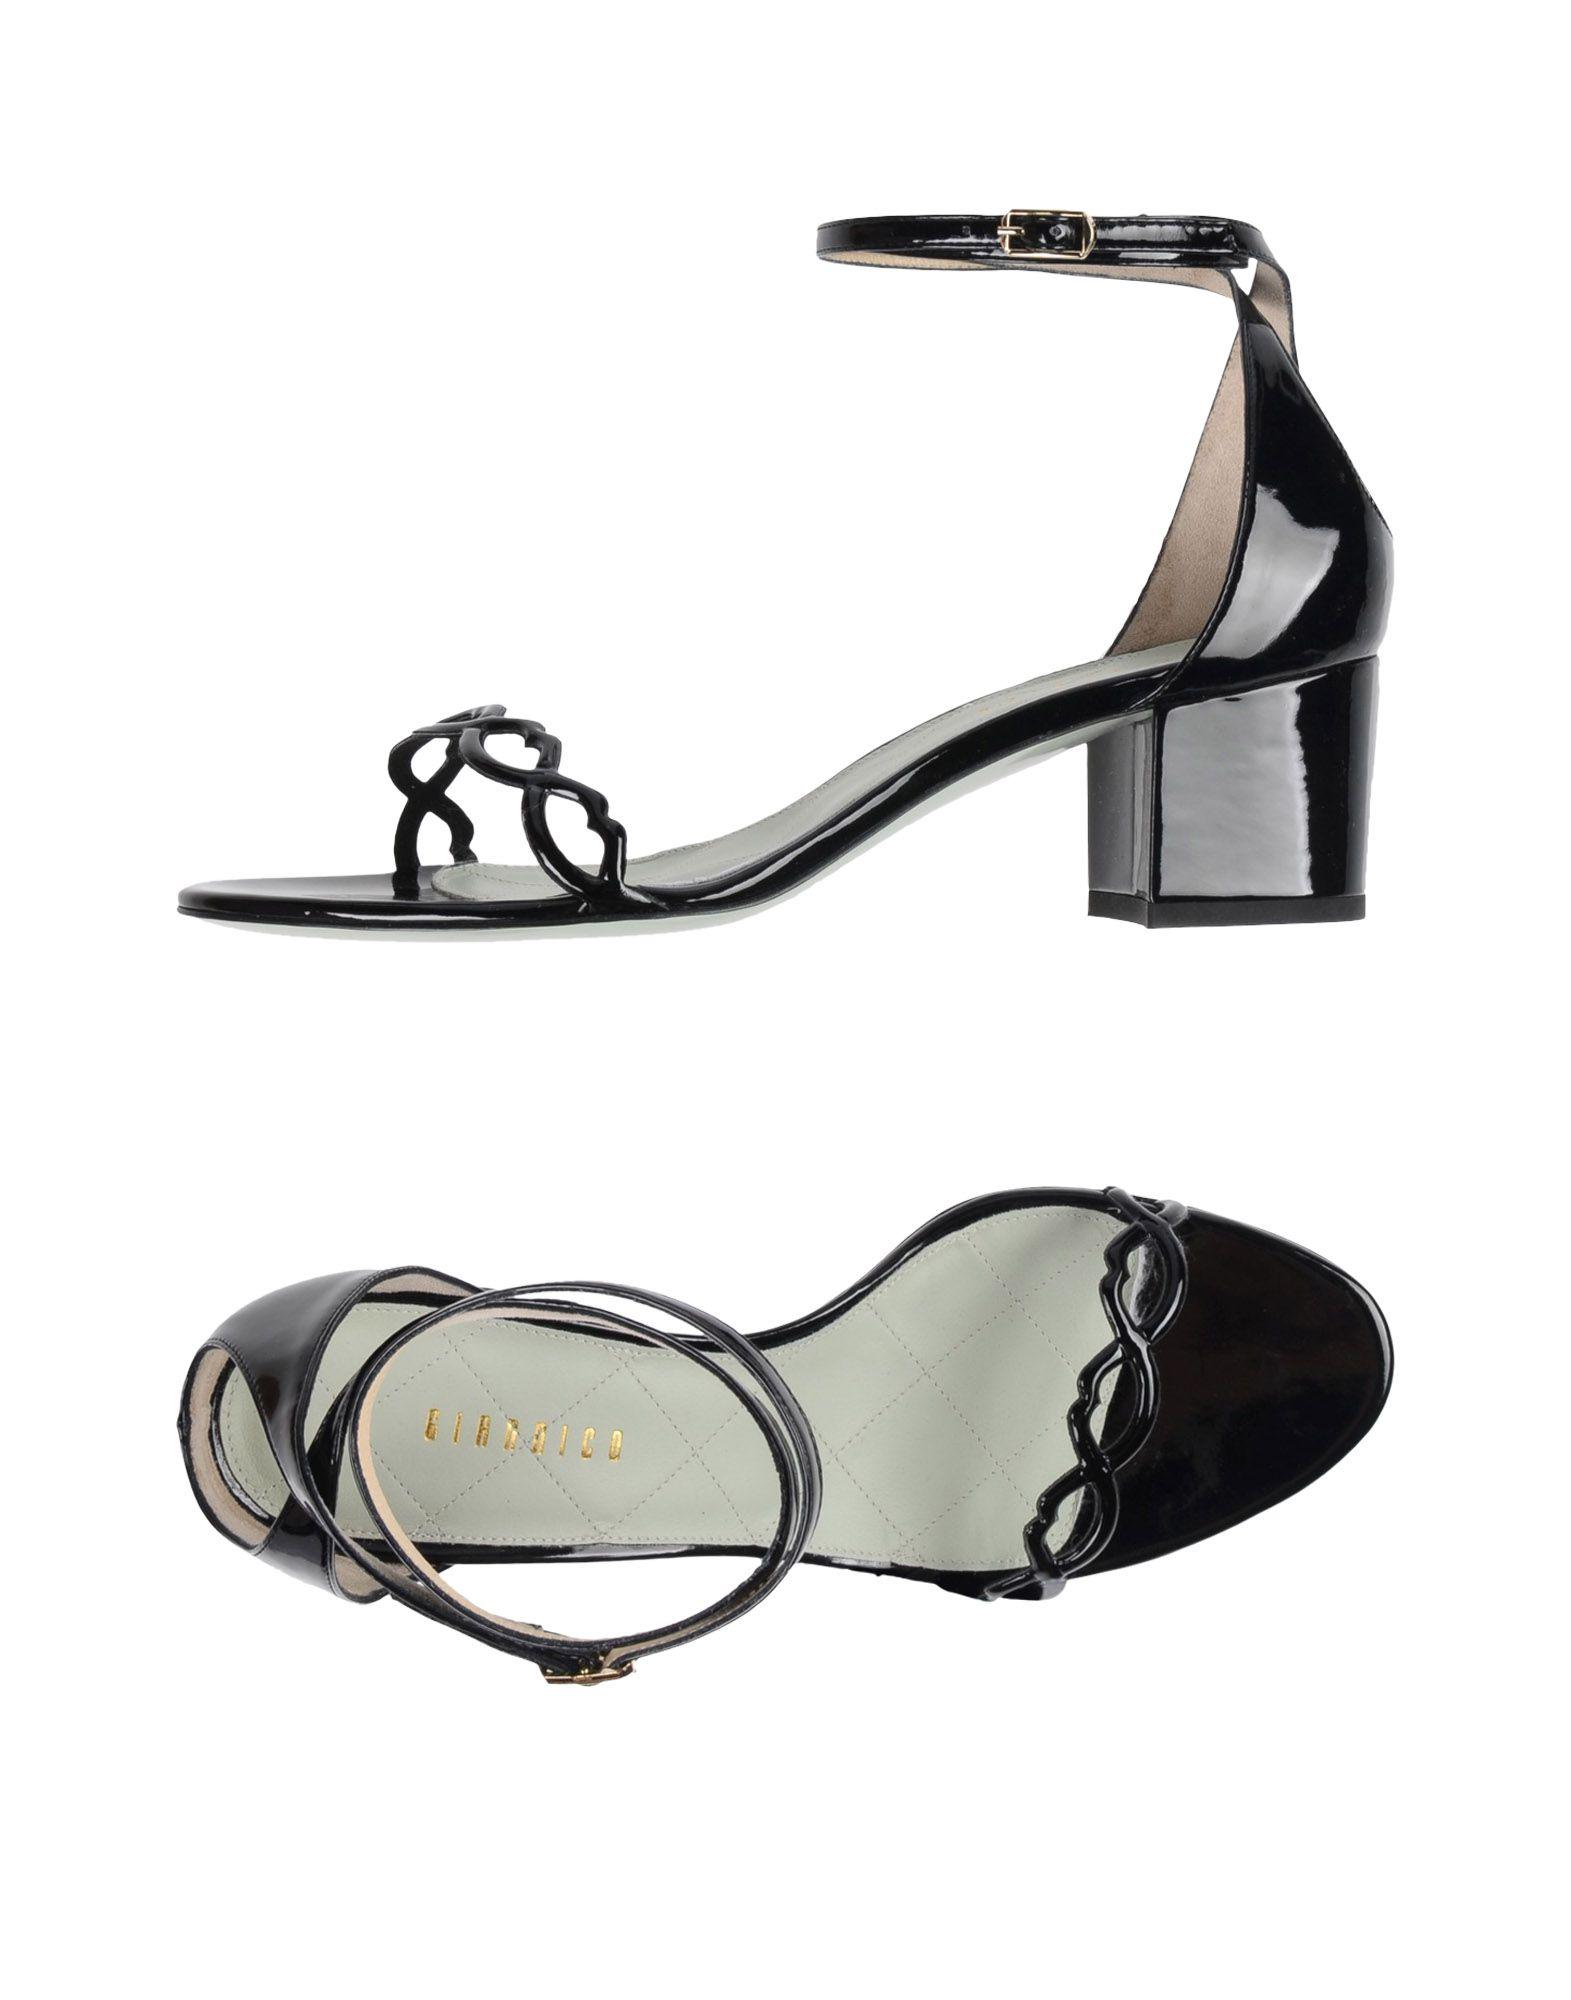 Giannico Sandalen Damen  11420449VIGut aussehende strapazierfähige Schuhe